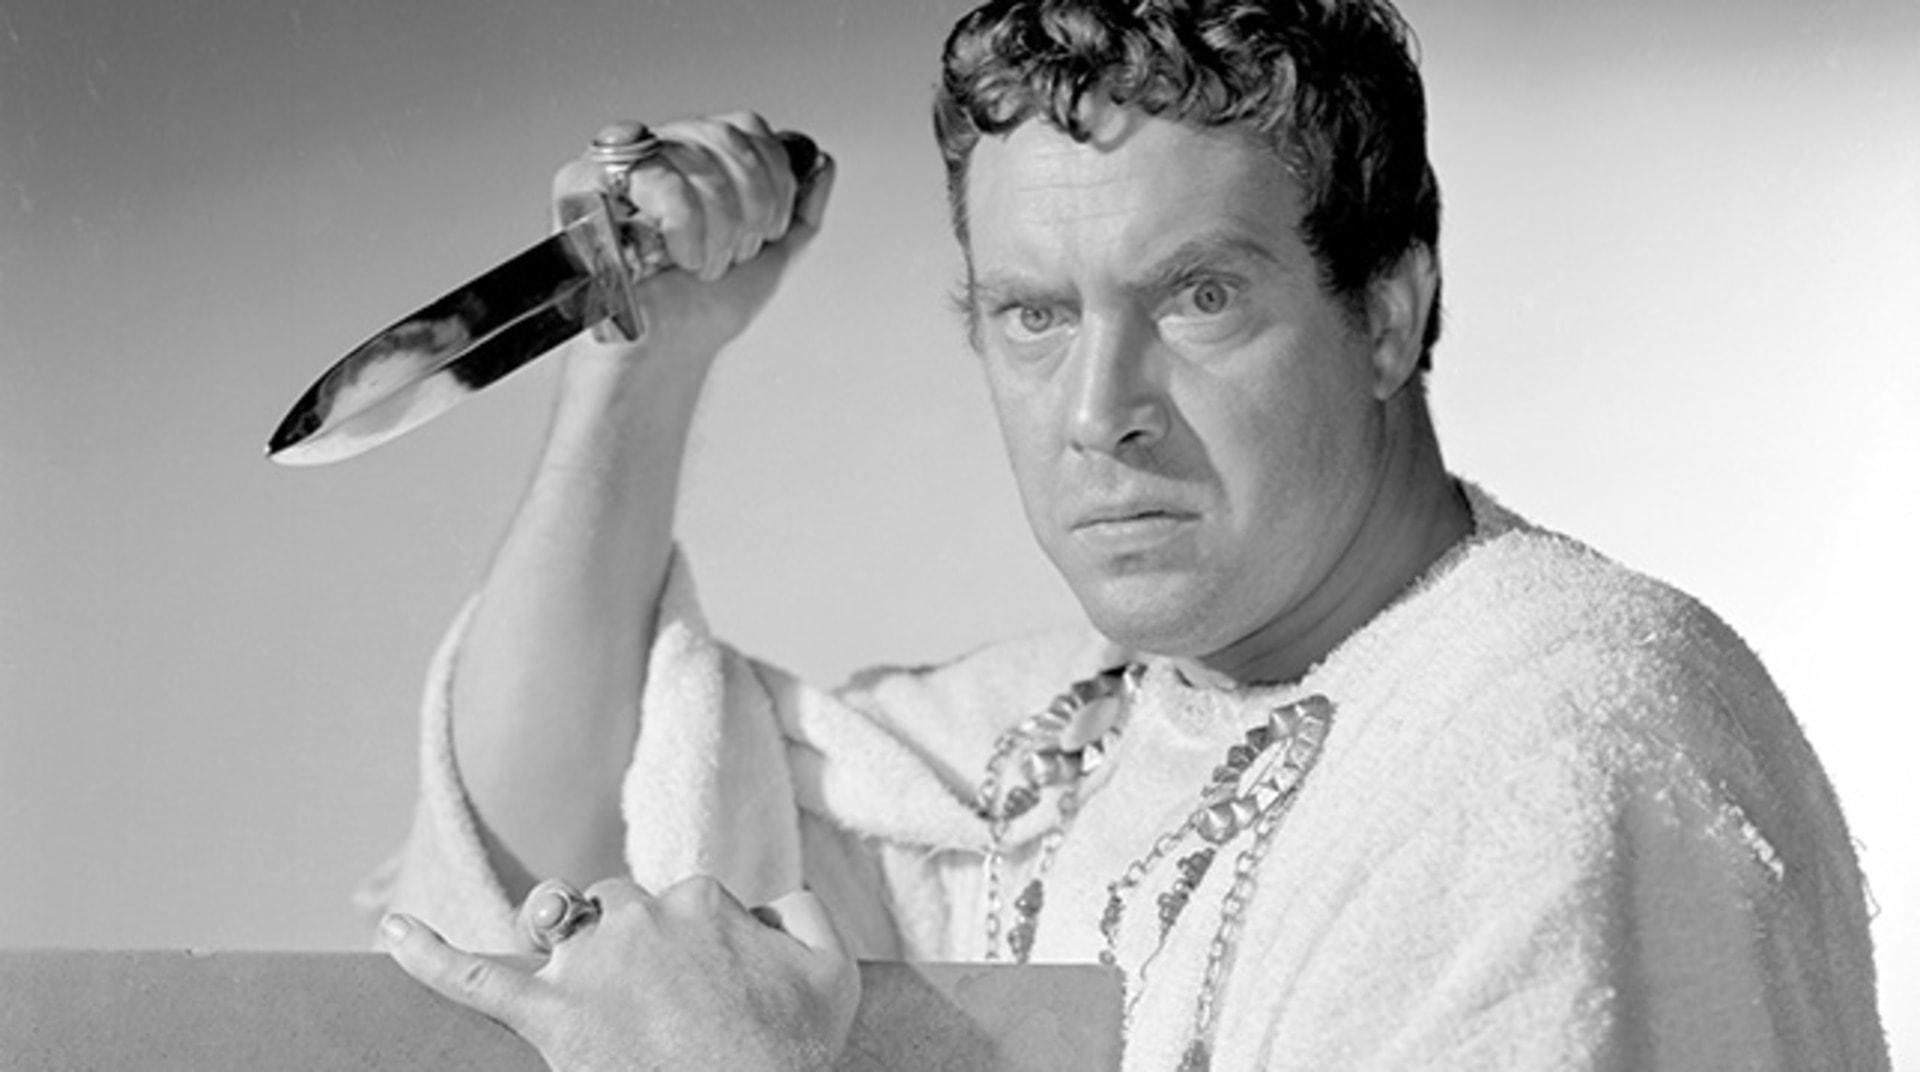 Julius Caesar - Image 12